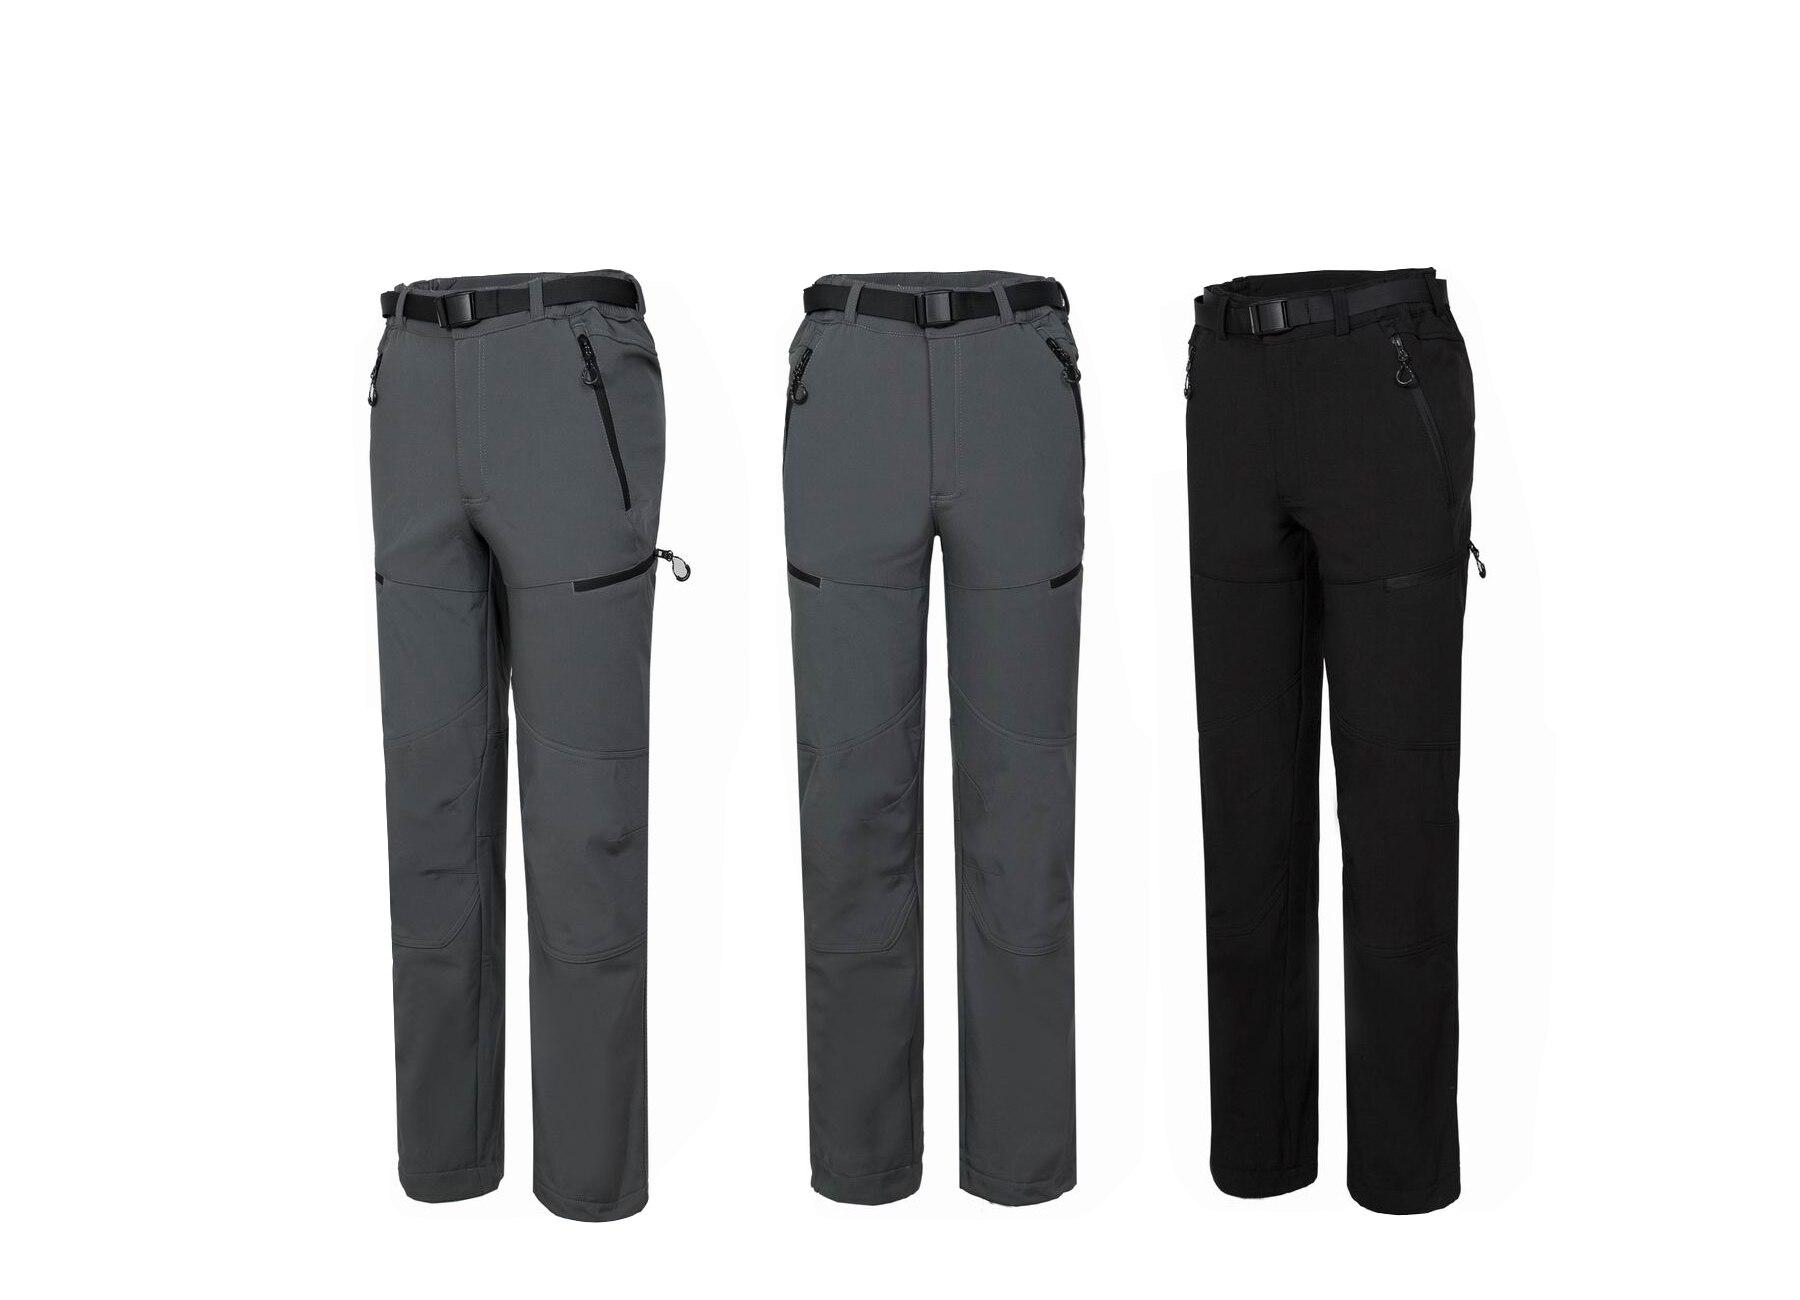 2018 hiver randonnée pantalon hommes randonnée Softshell pantalon hommes coupe-vent imperméable thermique pour randonnée Camping polaire